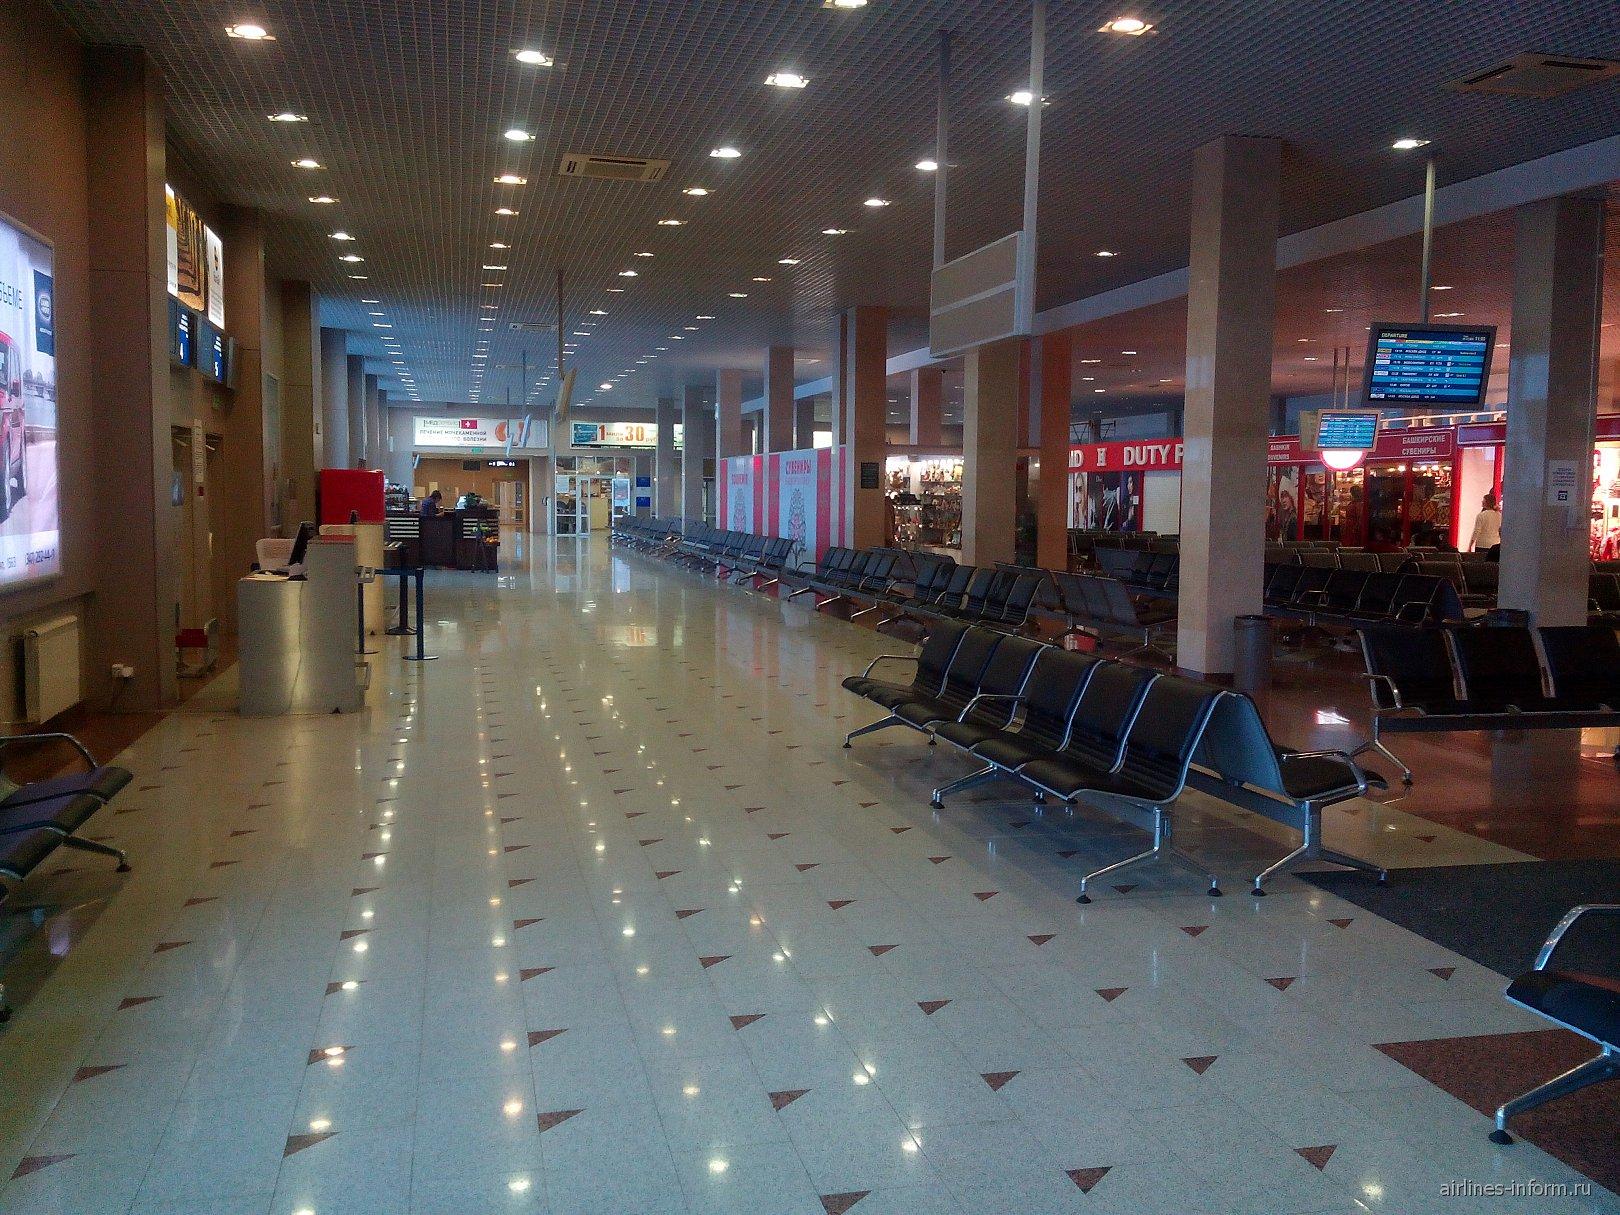 Зал ожидания в чистой зоне аэропорта Уфа